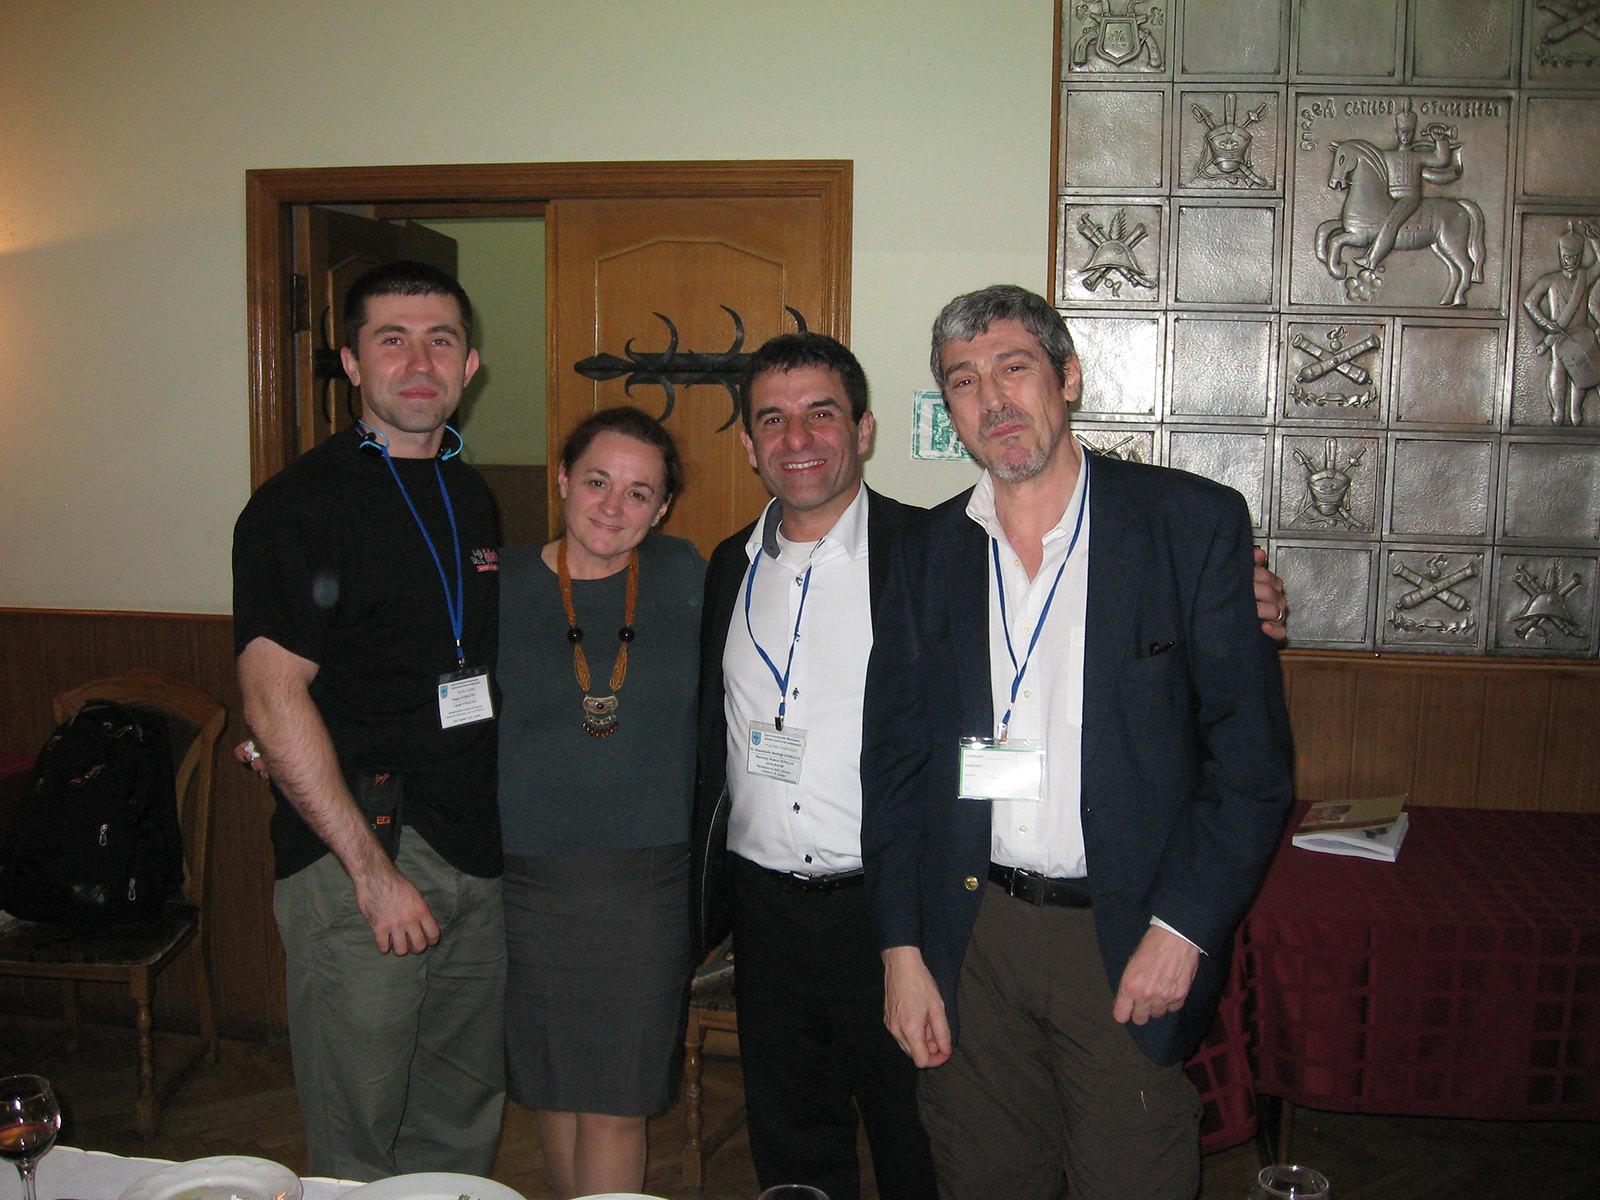 Зліва направо: Сергій Горбатко, Ірина Форостян, Манучегр Моштаг Хорасані, Андре Лупо Синклер.